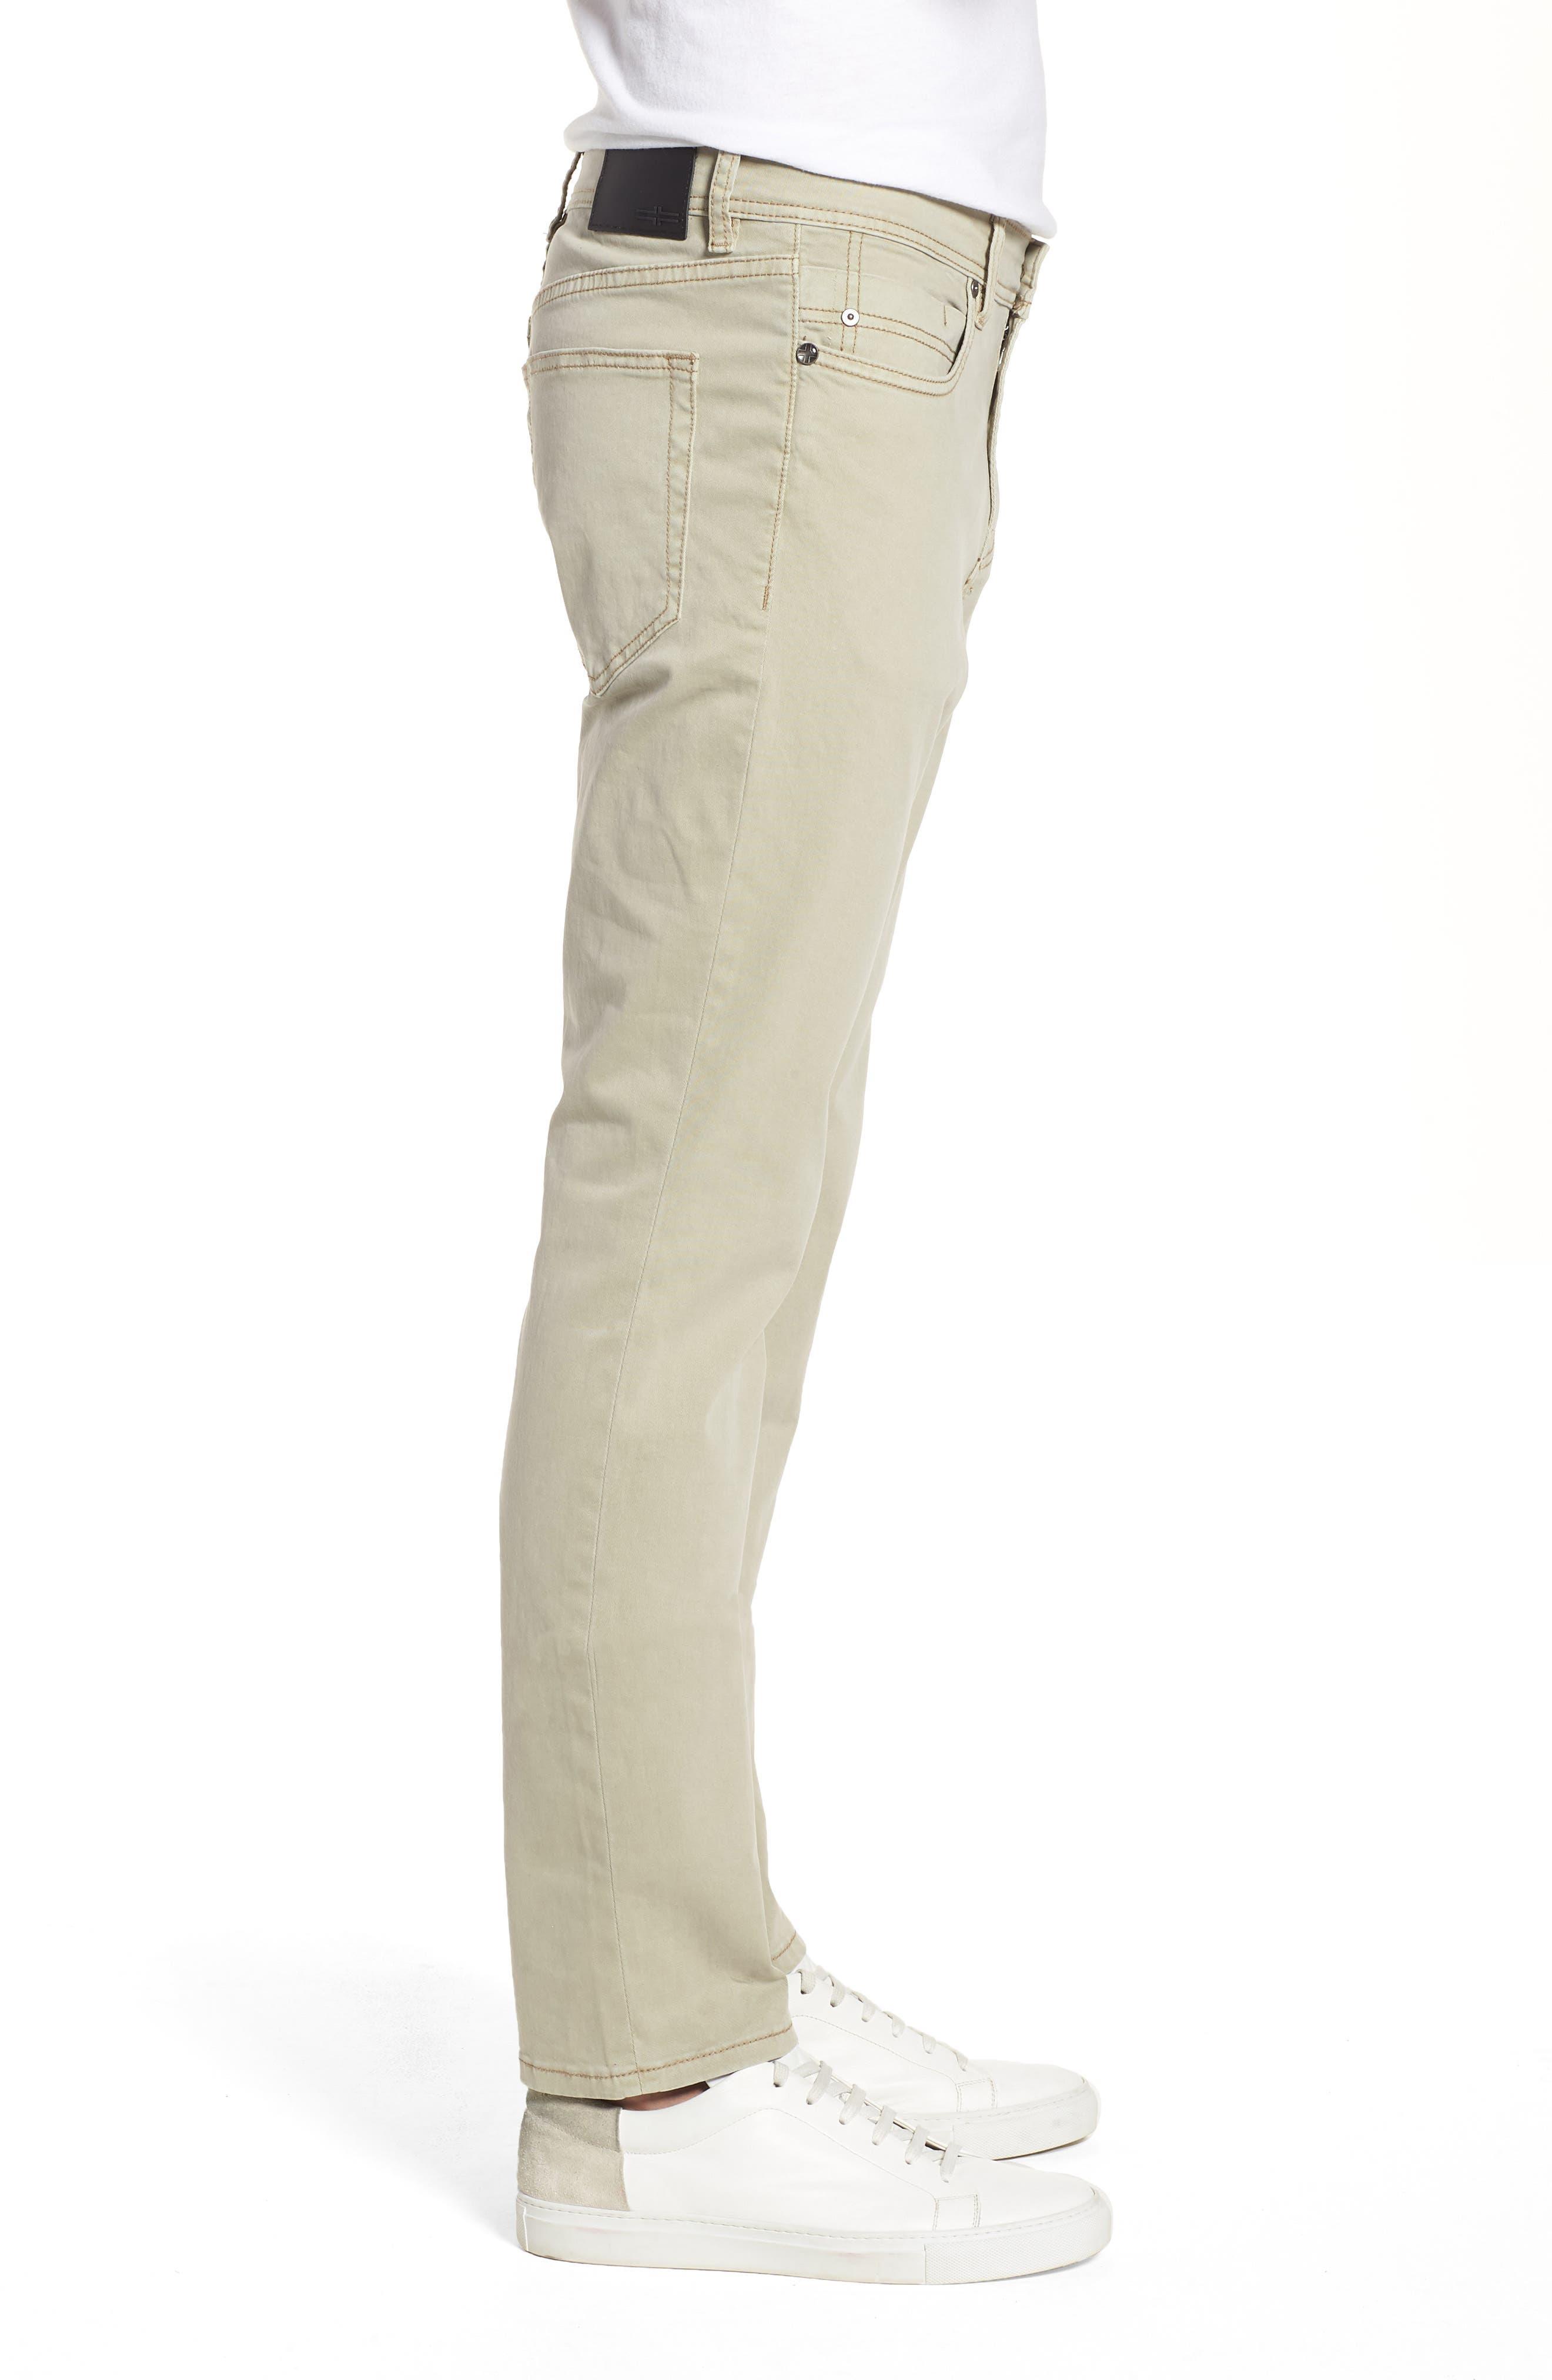 Jeans Co. Slim Straight Leg Jeans,                             Alternate thumbnail 3, color,                             Sandstrom